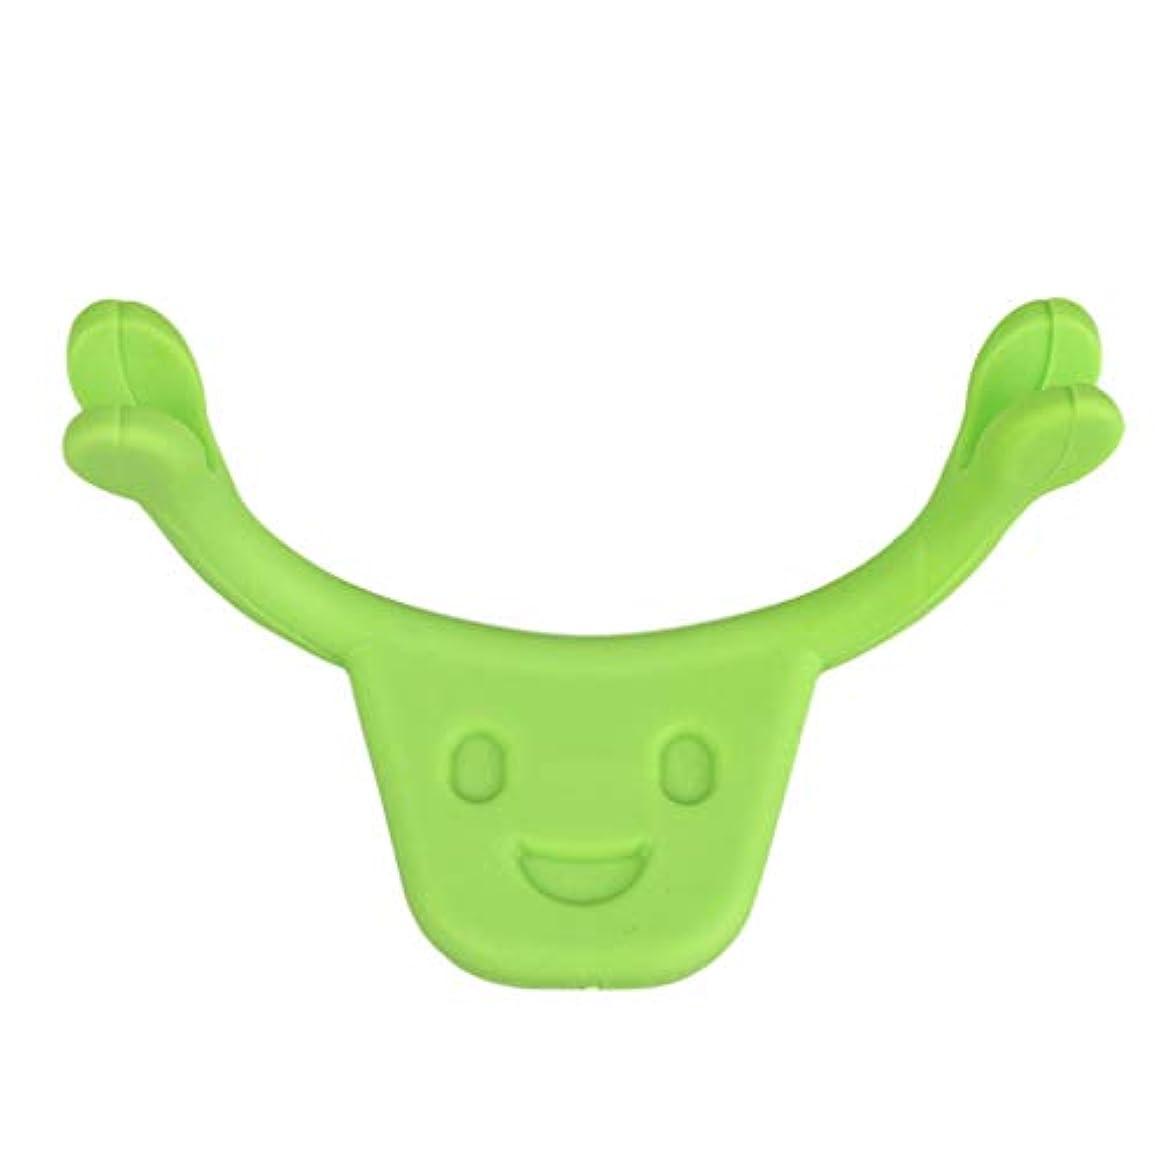 美人泥だらけ誕生日表情筋 トレーニング 小顔 ストレッチ 笑顔 トレーニング器具 フェイスエクササイズ ツール 全2色 - 緑